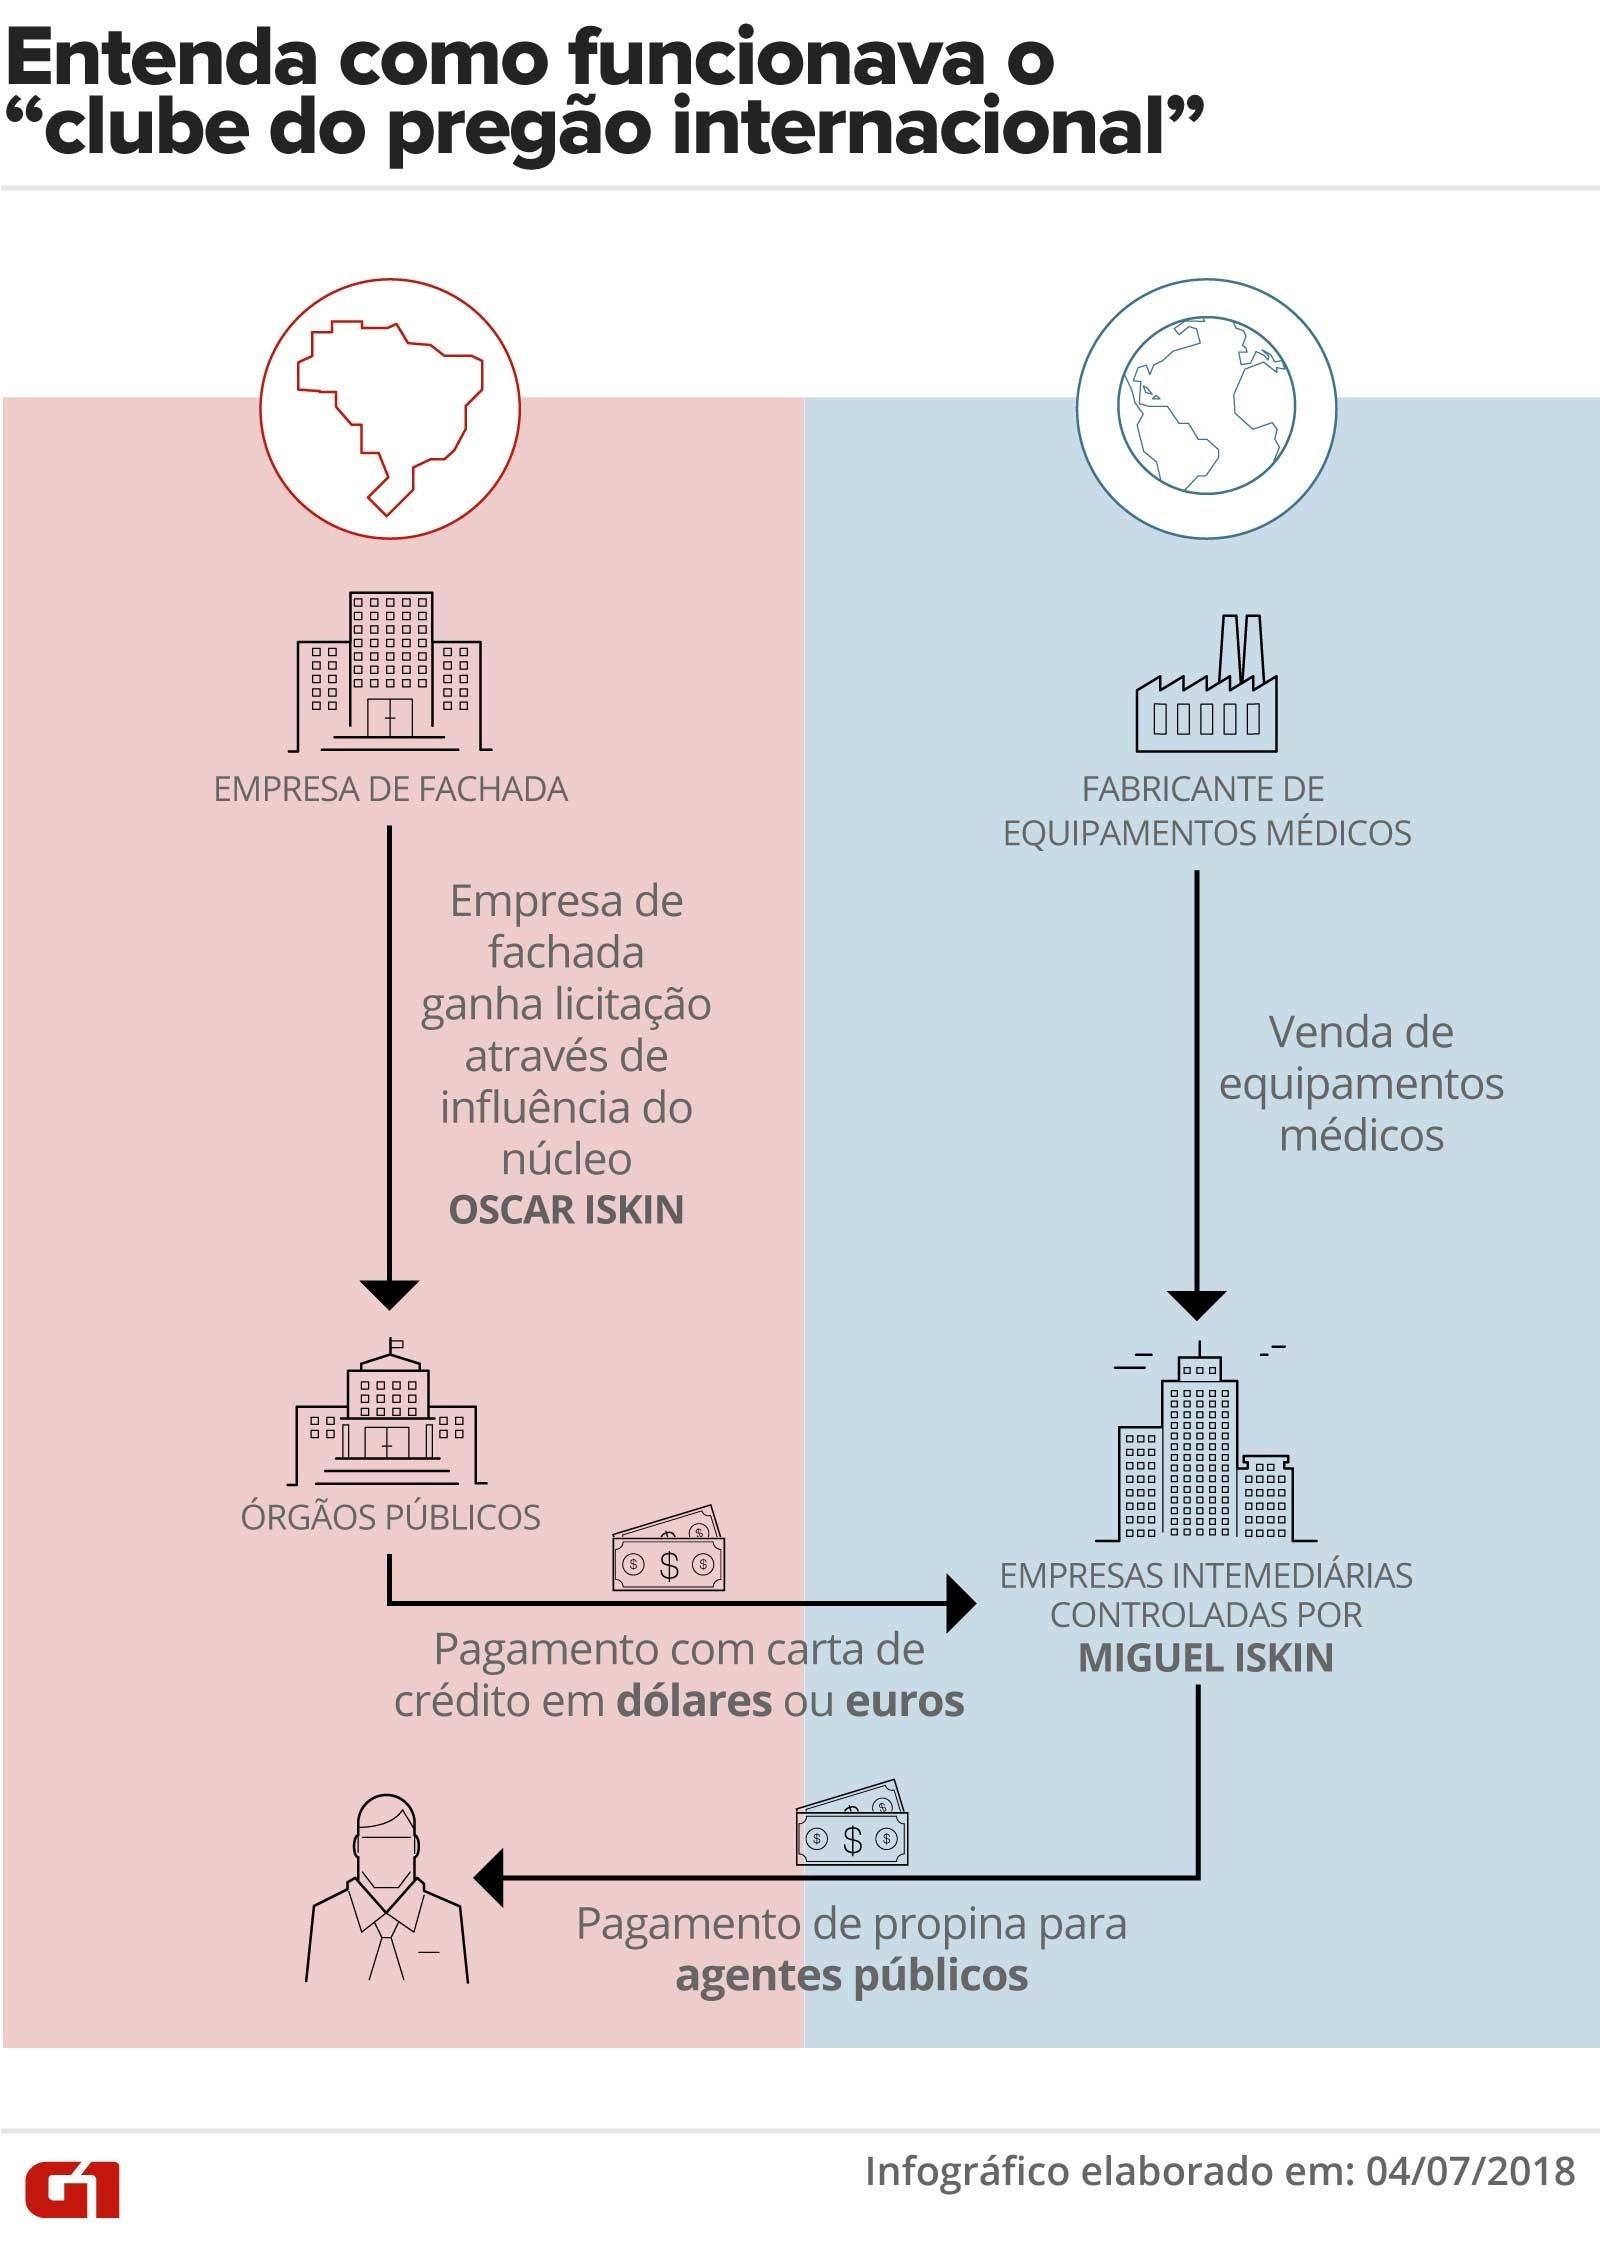 Justiça Federal converte prisão de CEO da GE de temporária para preventiva